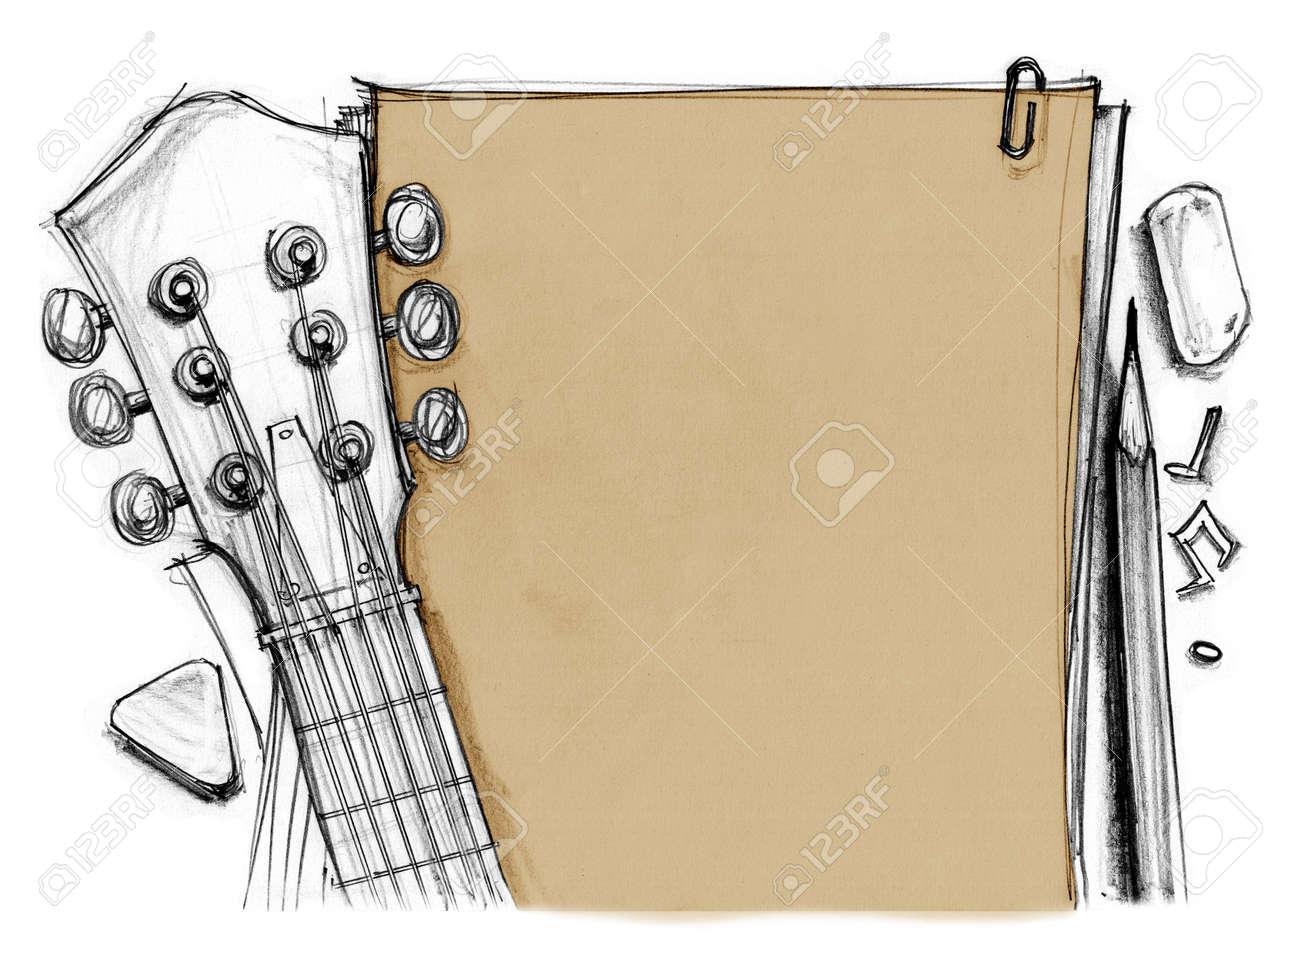 Fondo De Goma De Libro Lápiz Nota Con La Cosecha De Guitarra En El Cabezal Tuning Clavijas Traste Dedo Y Recoger Dibujado A Mano áspera Dibujo